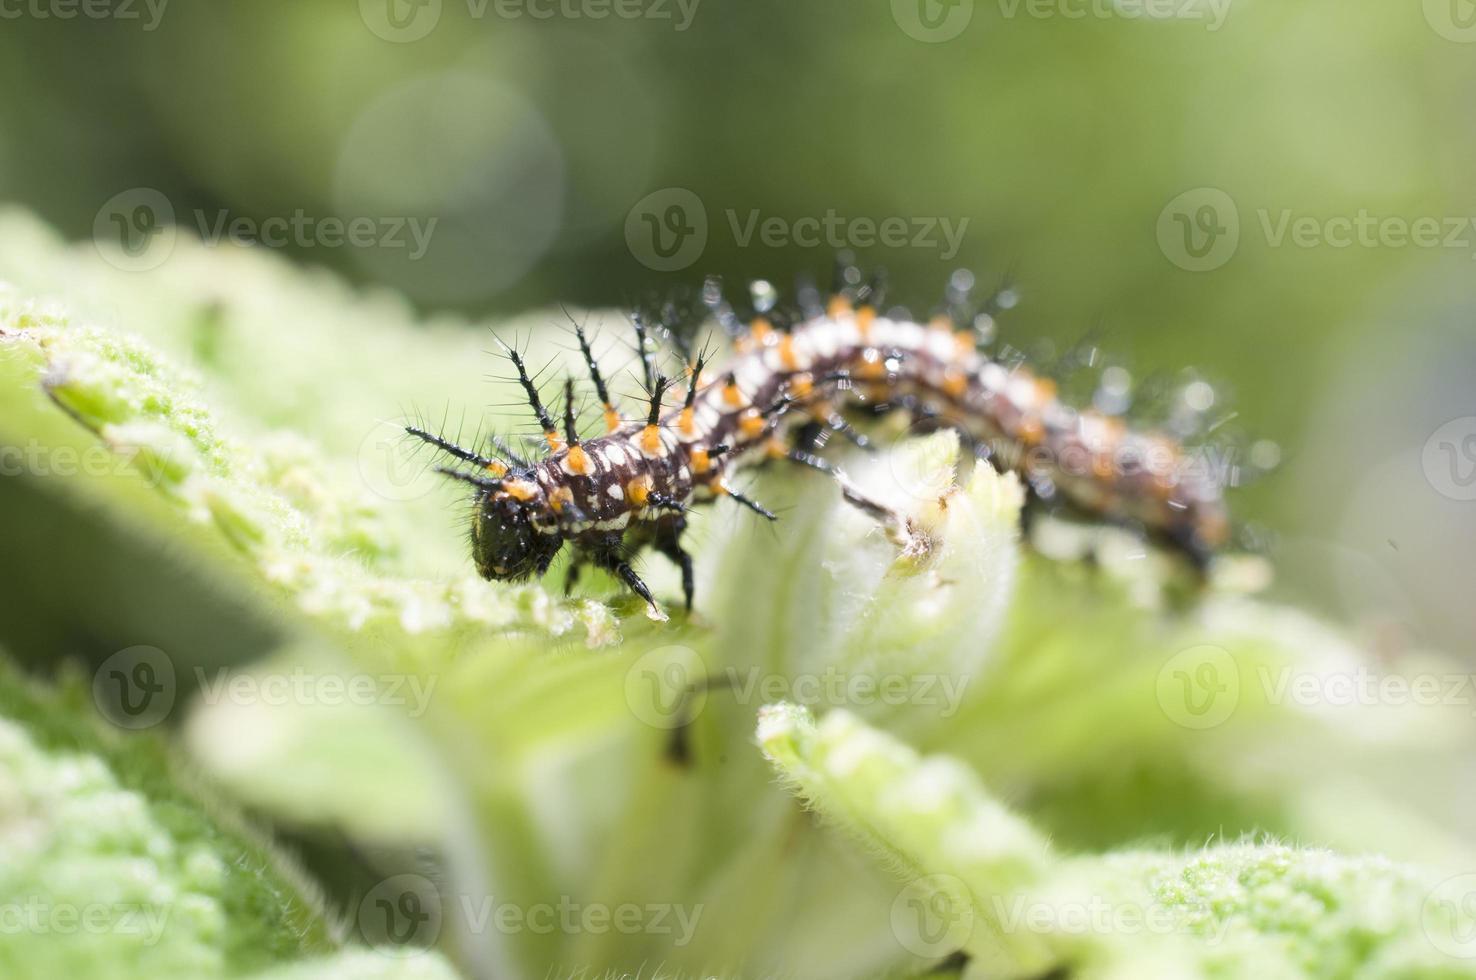 larves d'Aceaea issoria hubner photo